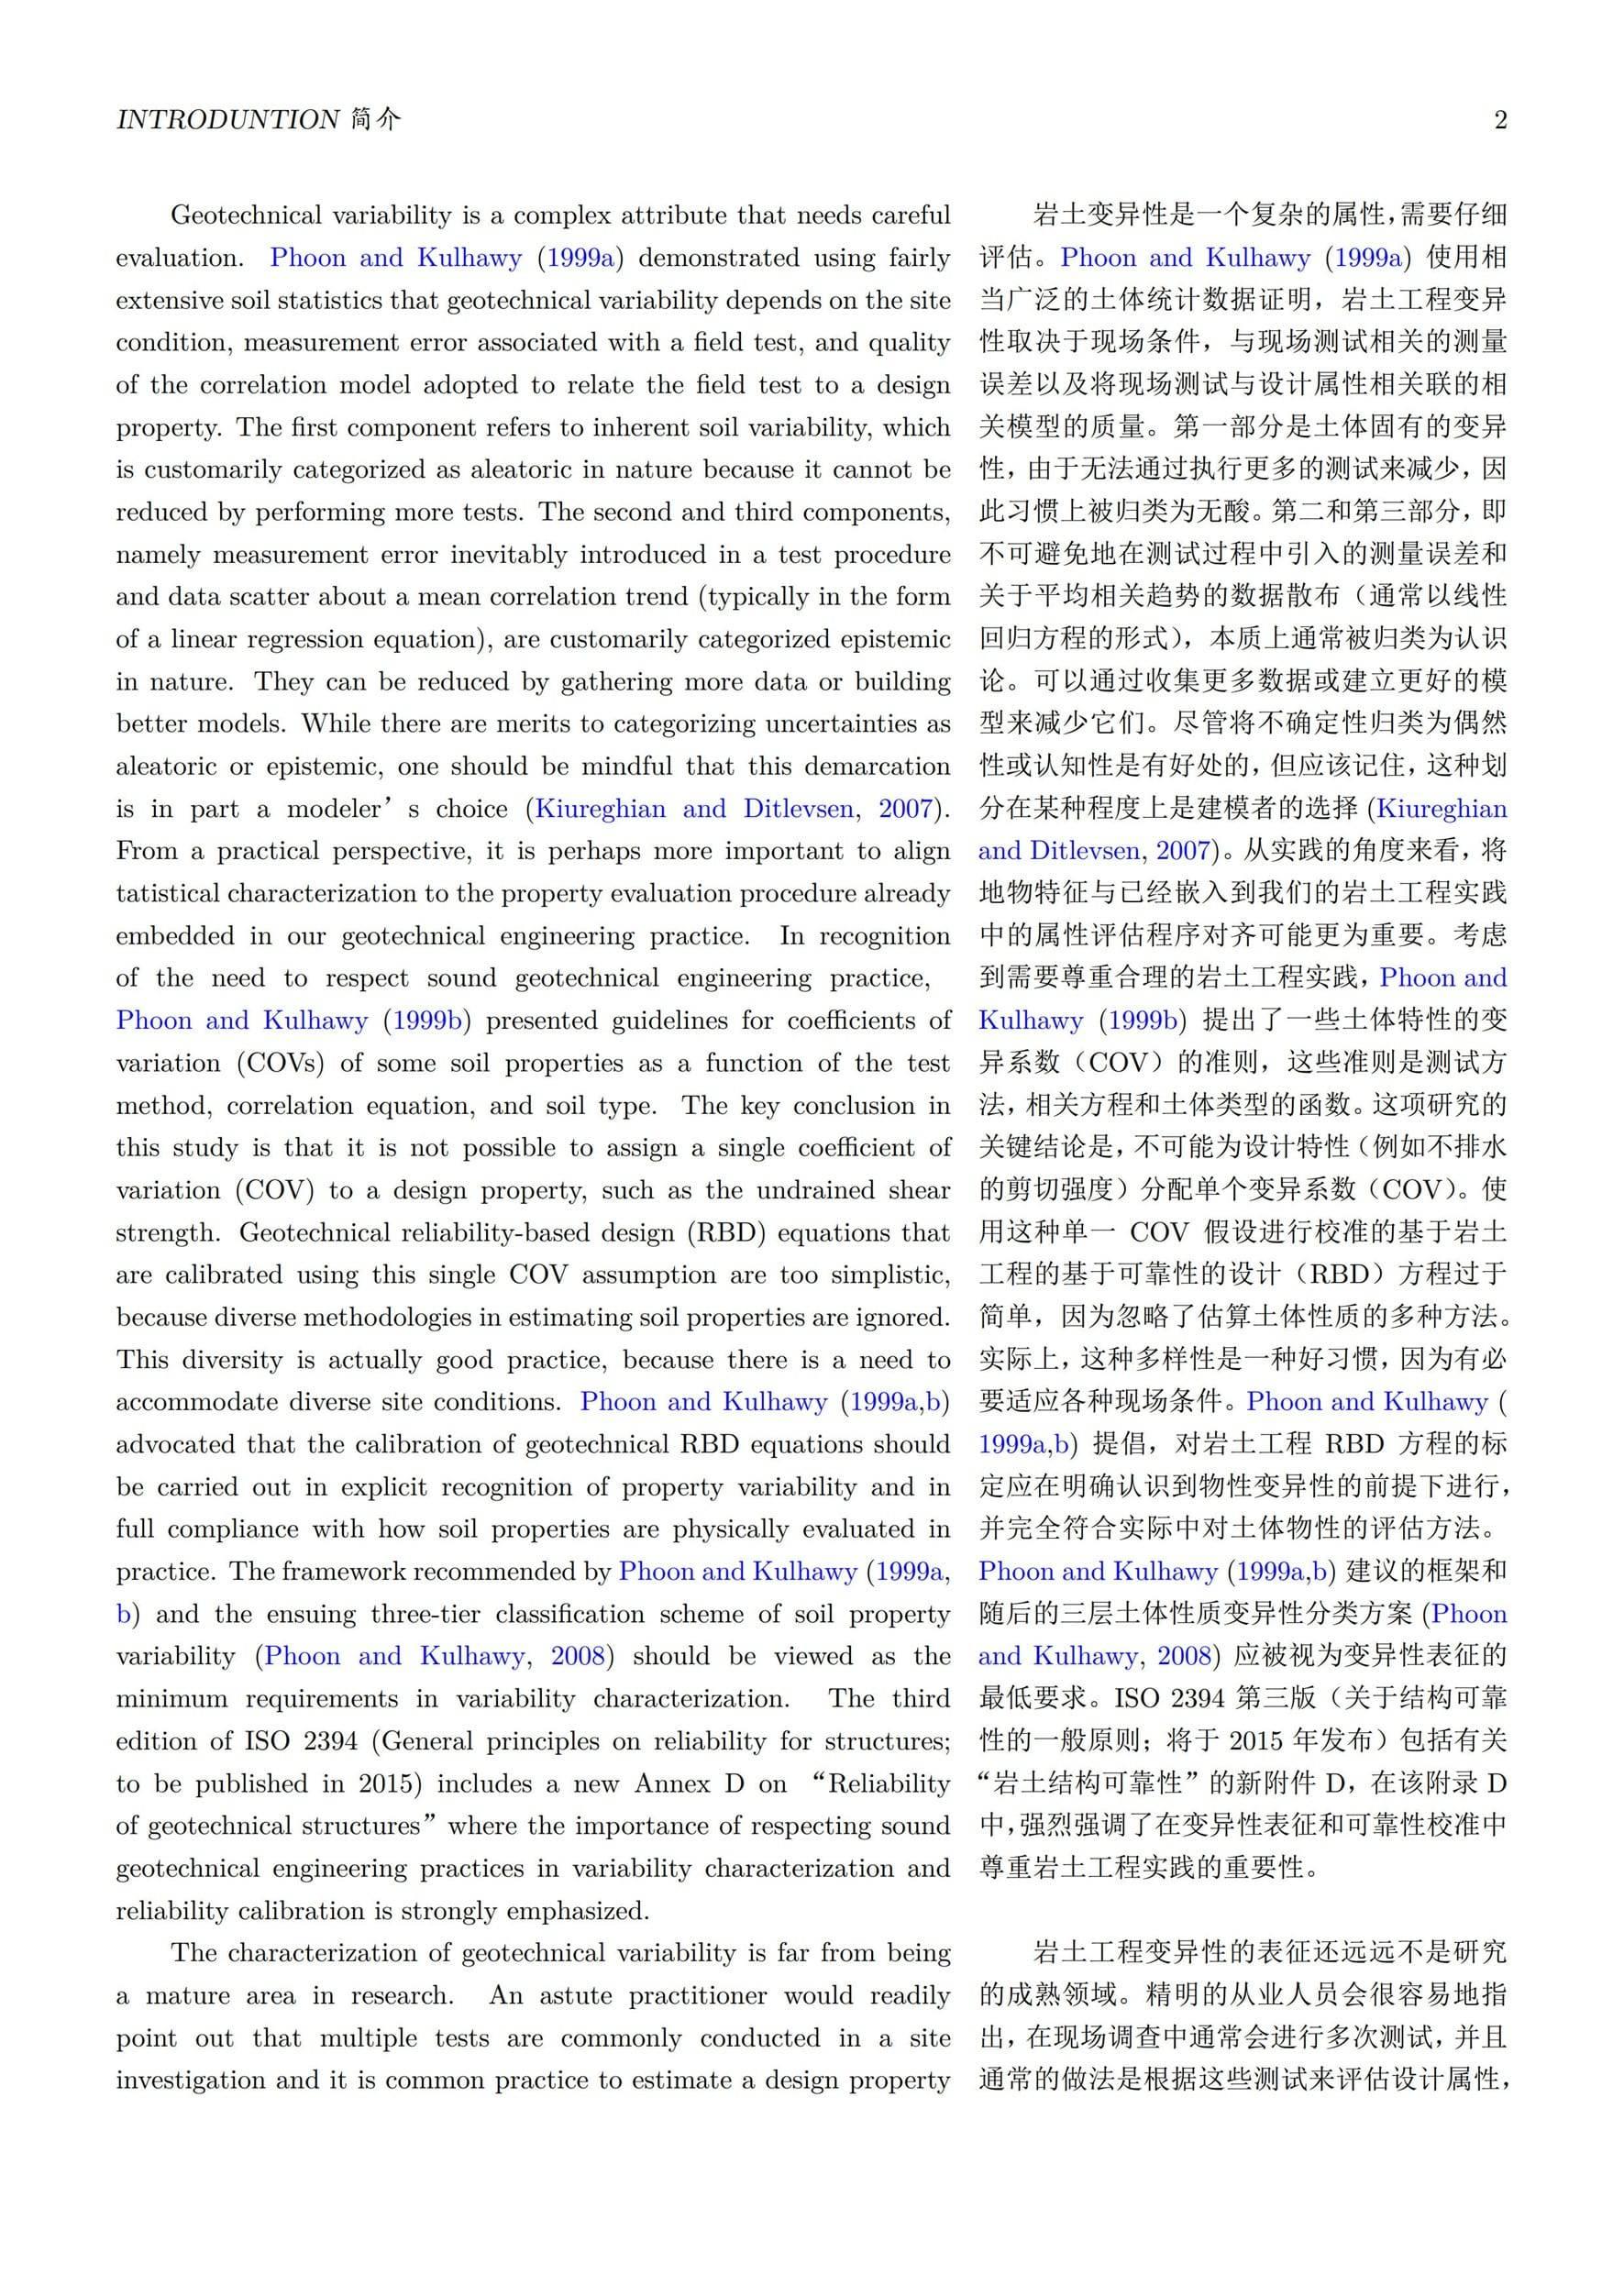 中英文对照排版的排版样例